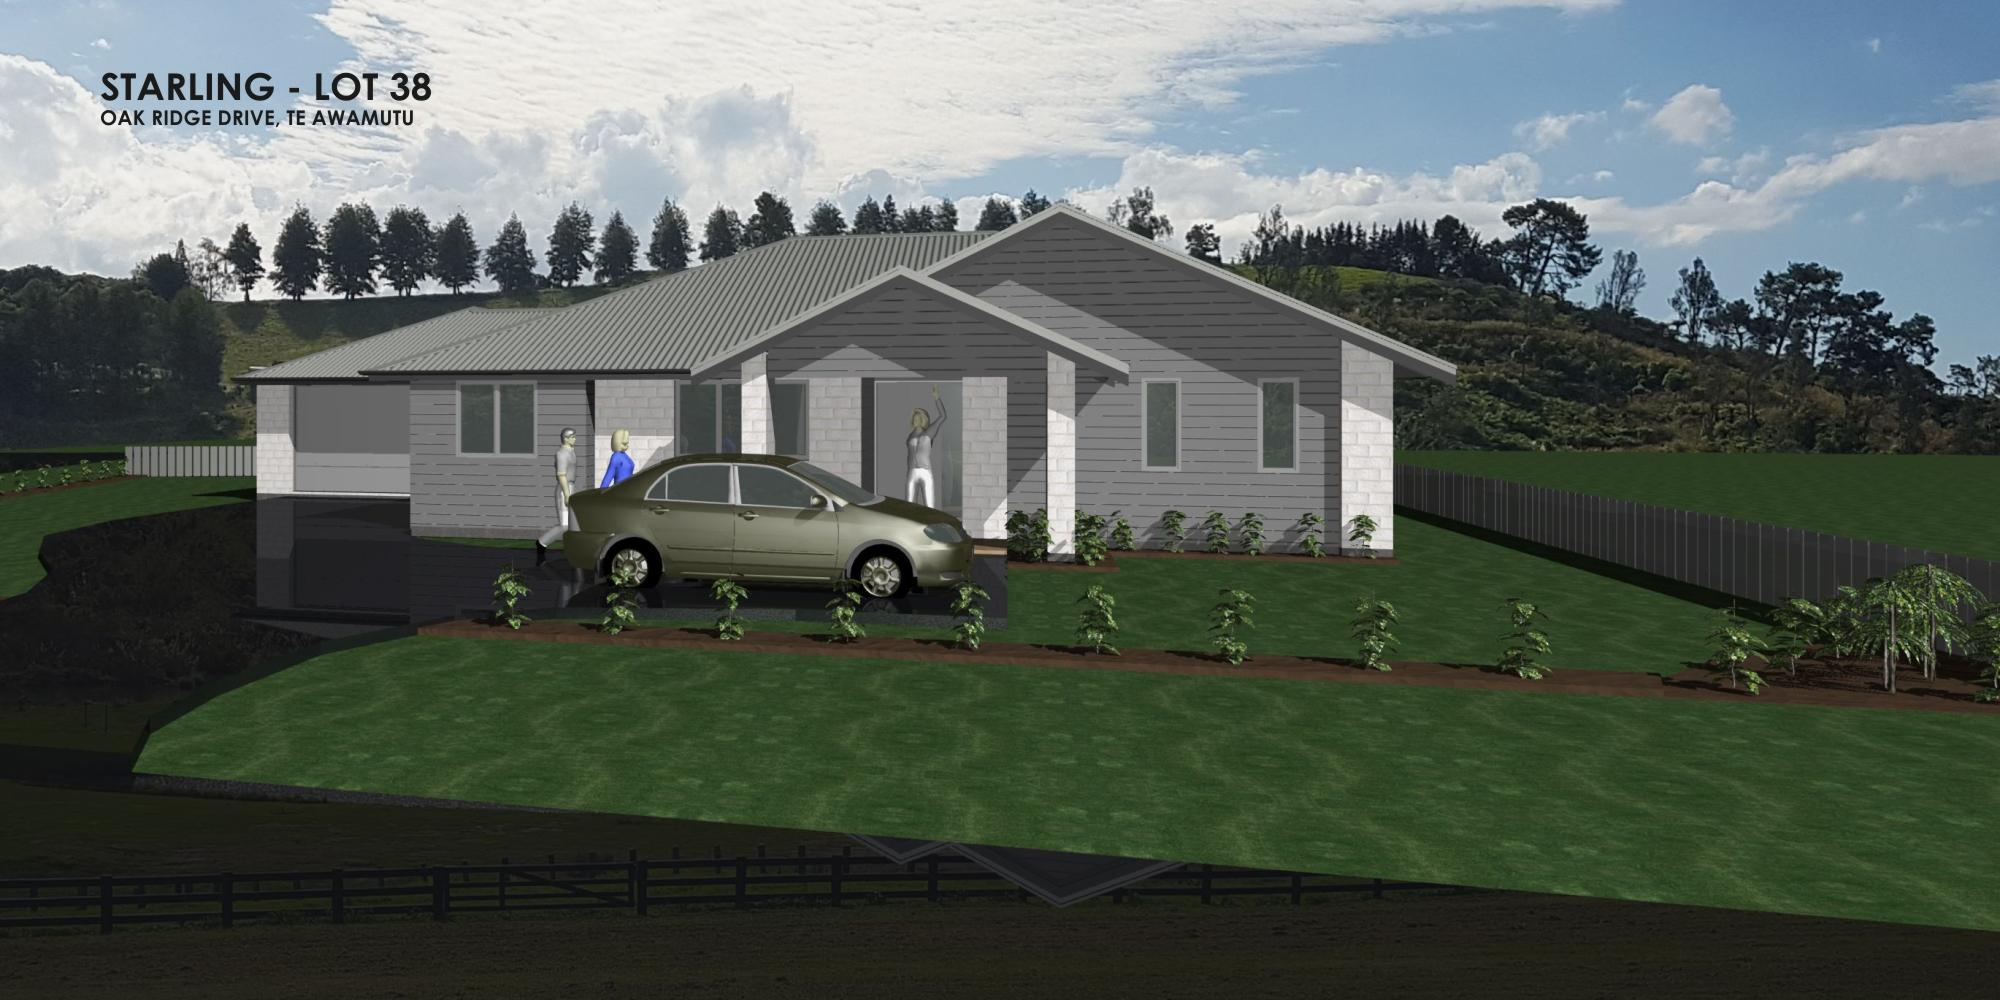 Starling Lot 38, Oak Ridge Drive, Te Awamutu